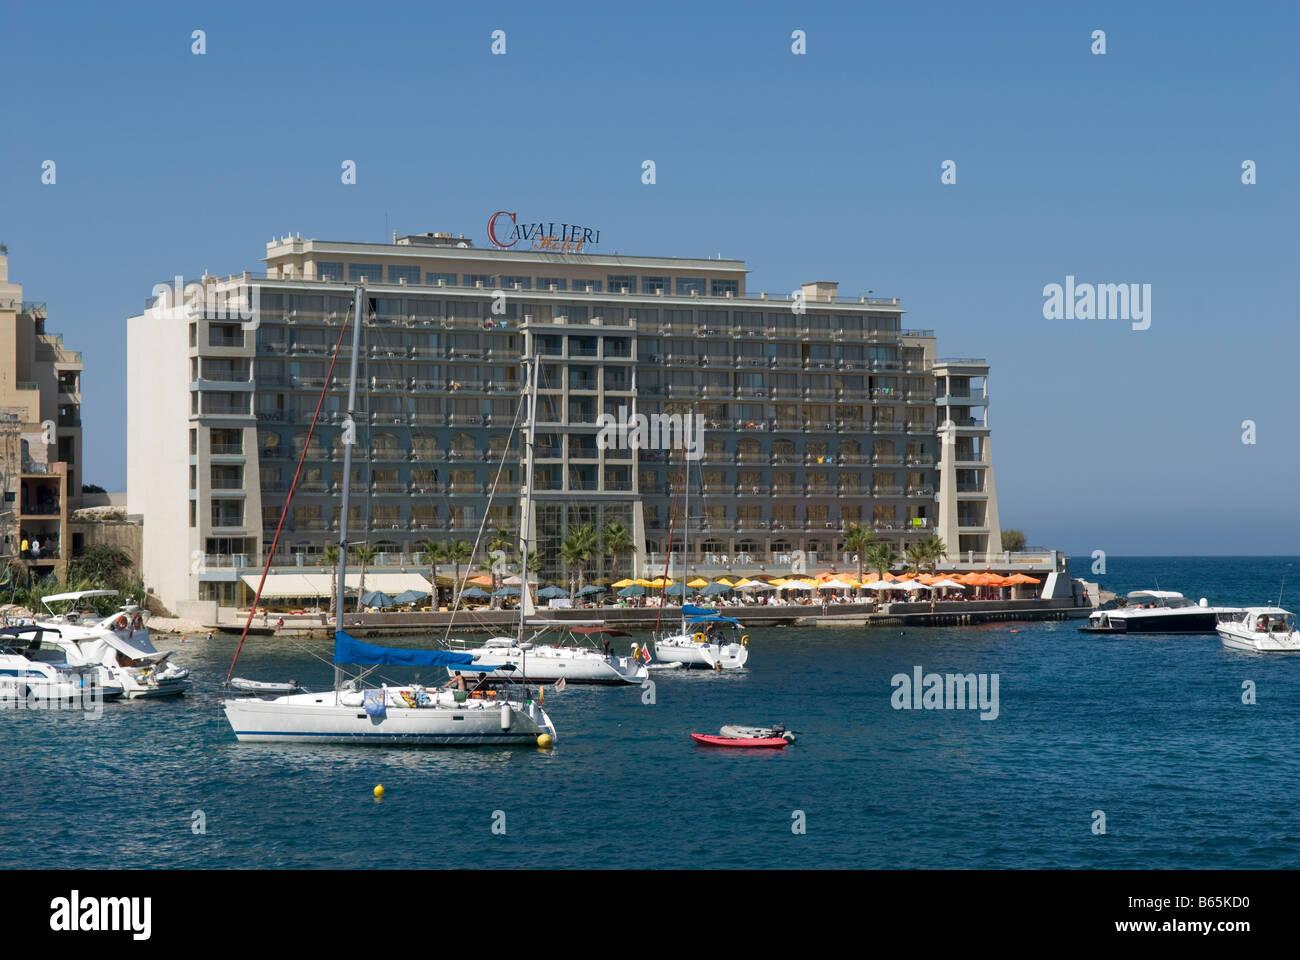 Cavalieri Hotel at Spinola Bay, Paceville St  Julians Malta Stock